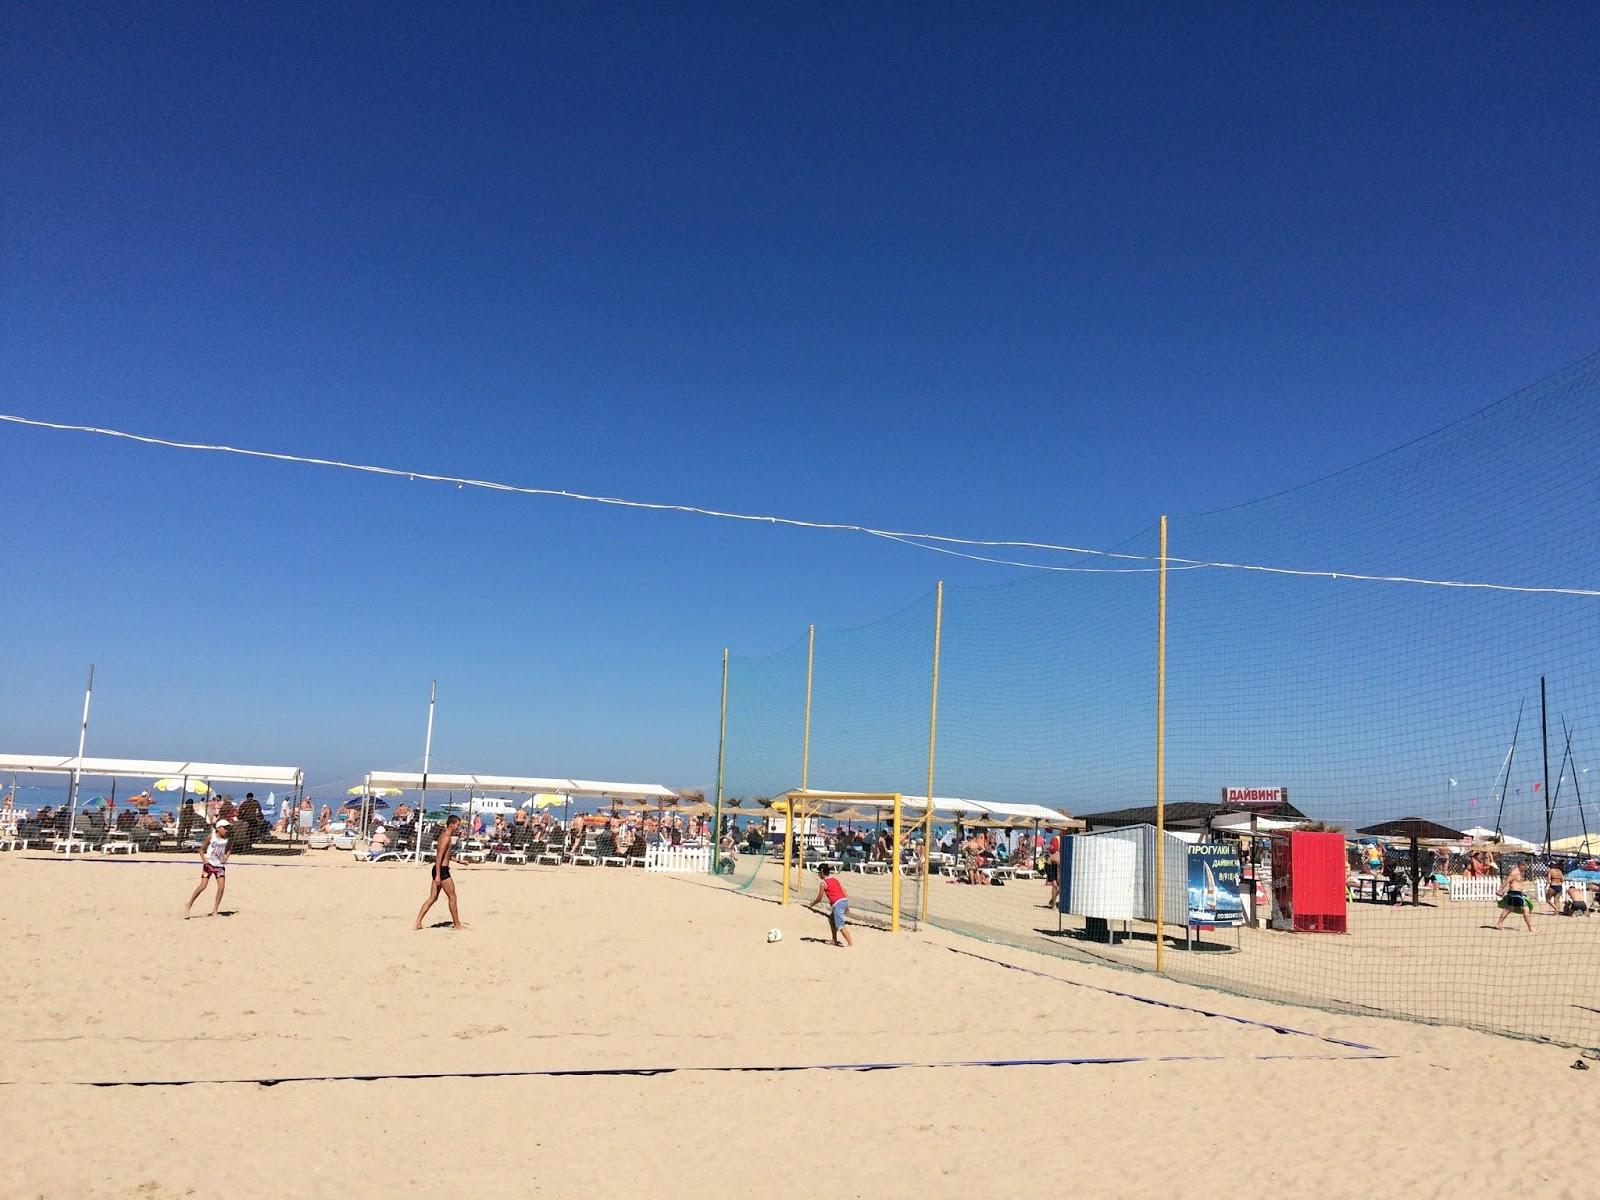 Пляжи Анапы 2018: песчаные, галечные, для детей, дикие 29